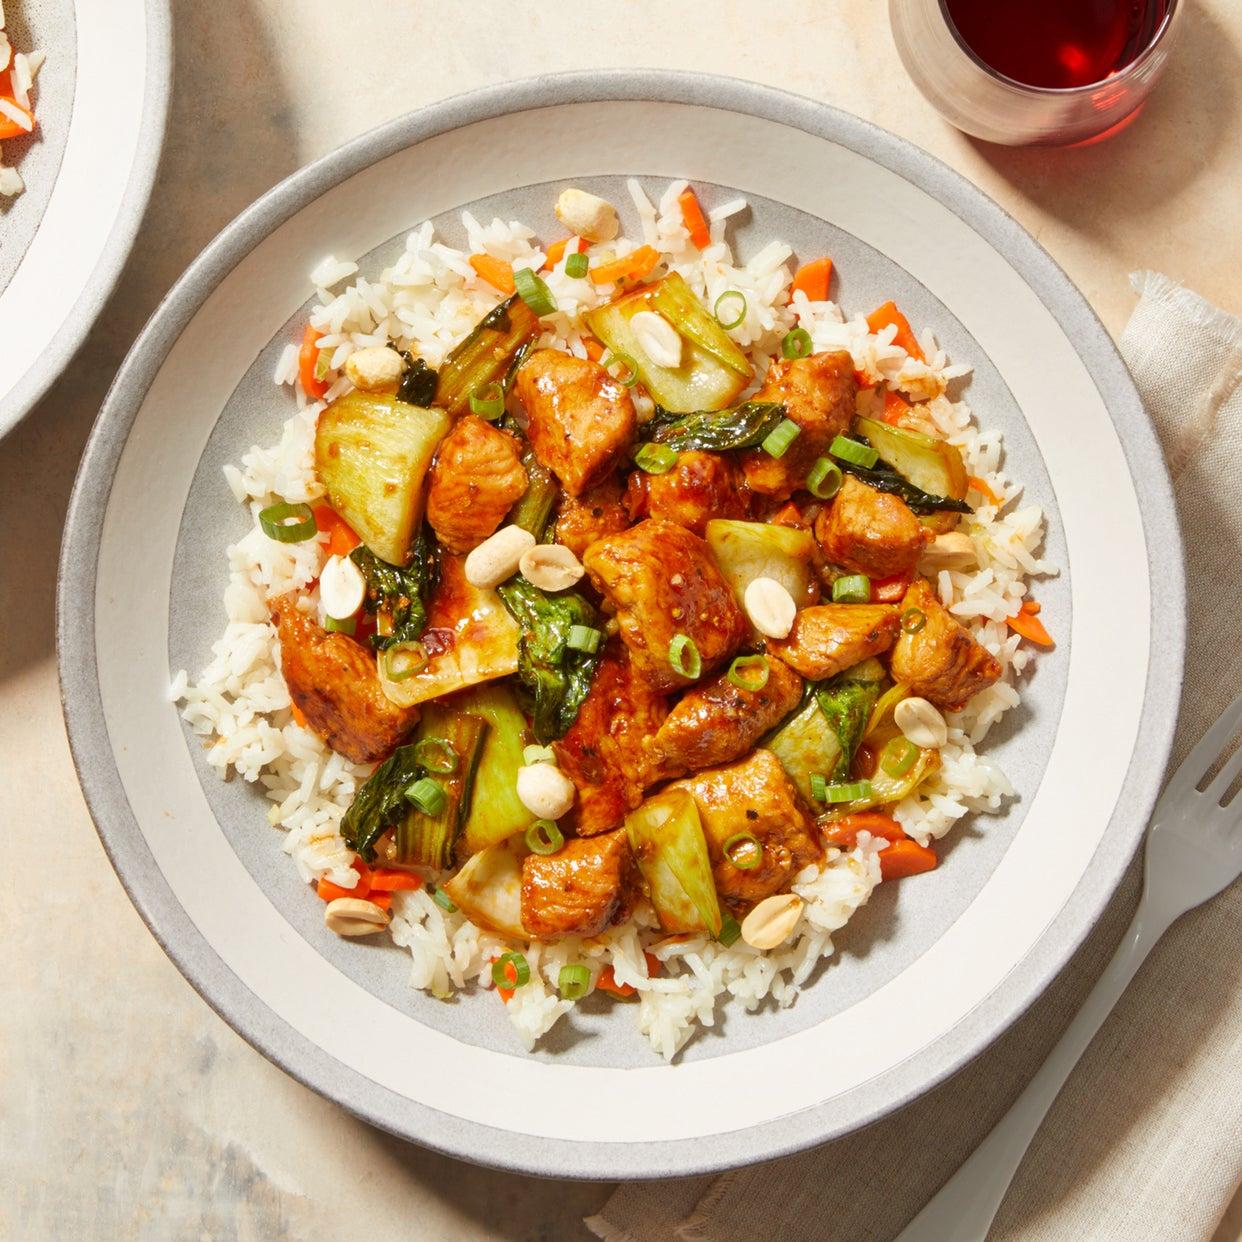 Savory Turkey Stir-Fry with Jasmine Rice & Carrots